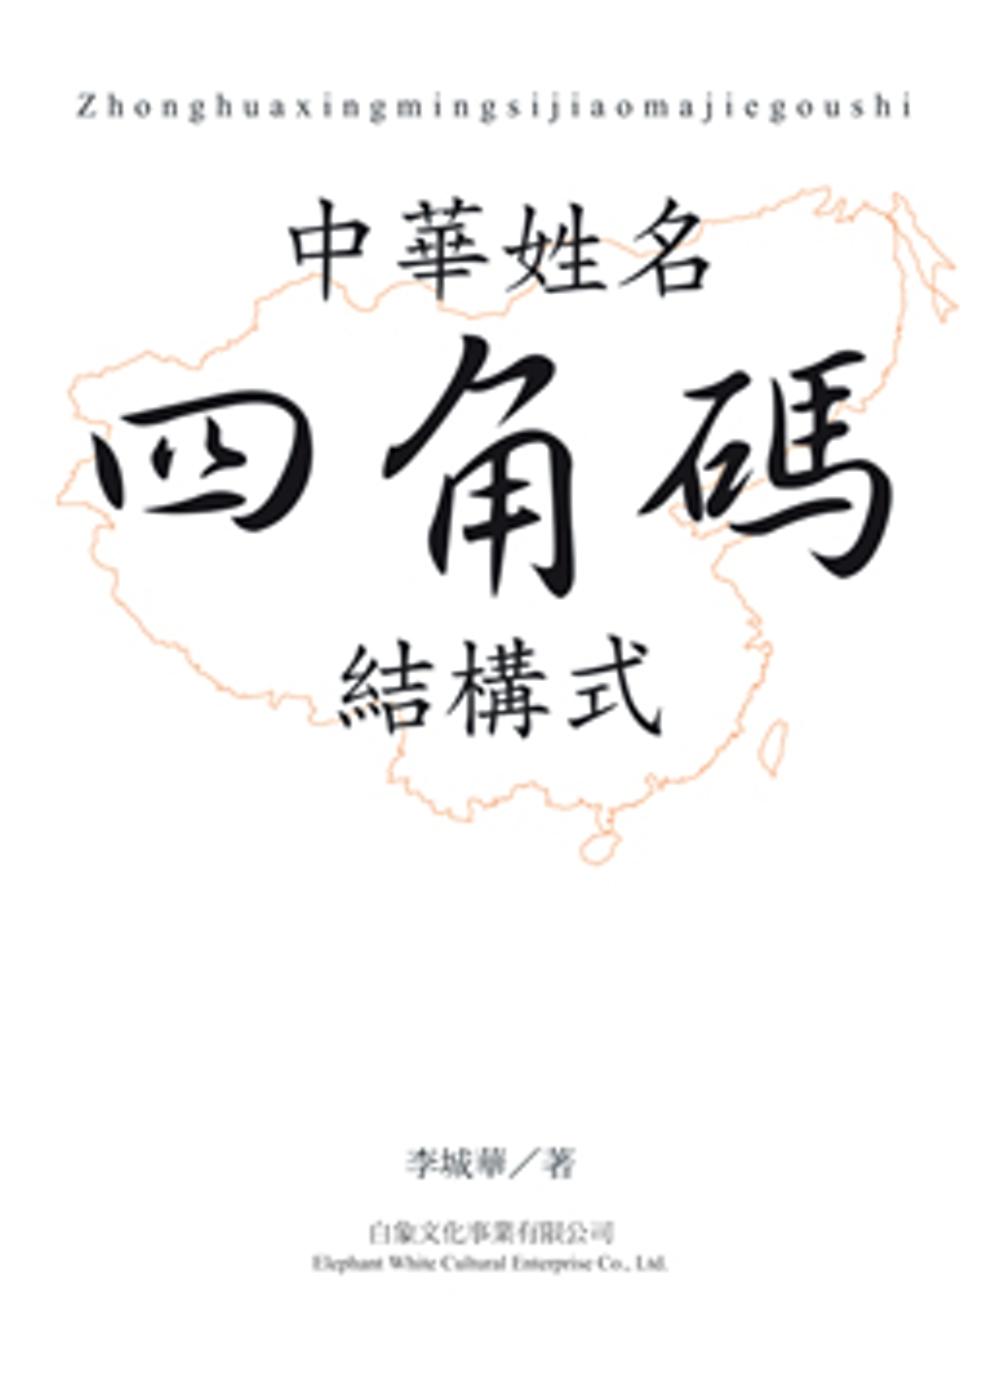 中華姓名四角碼結構式